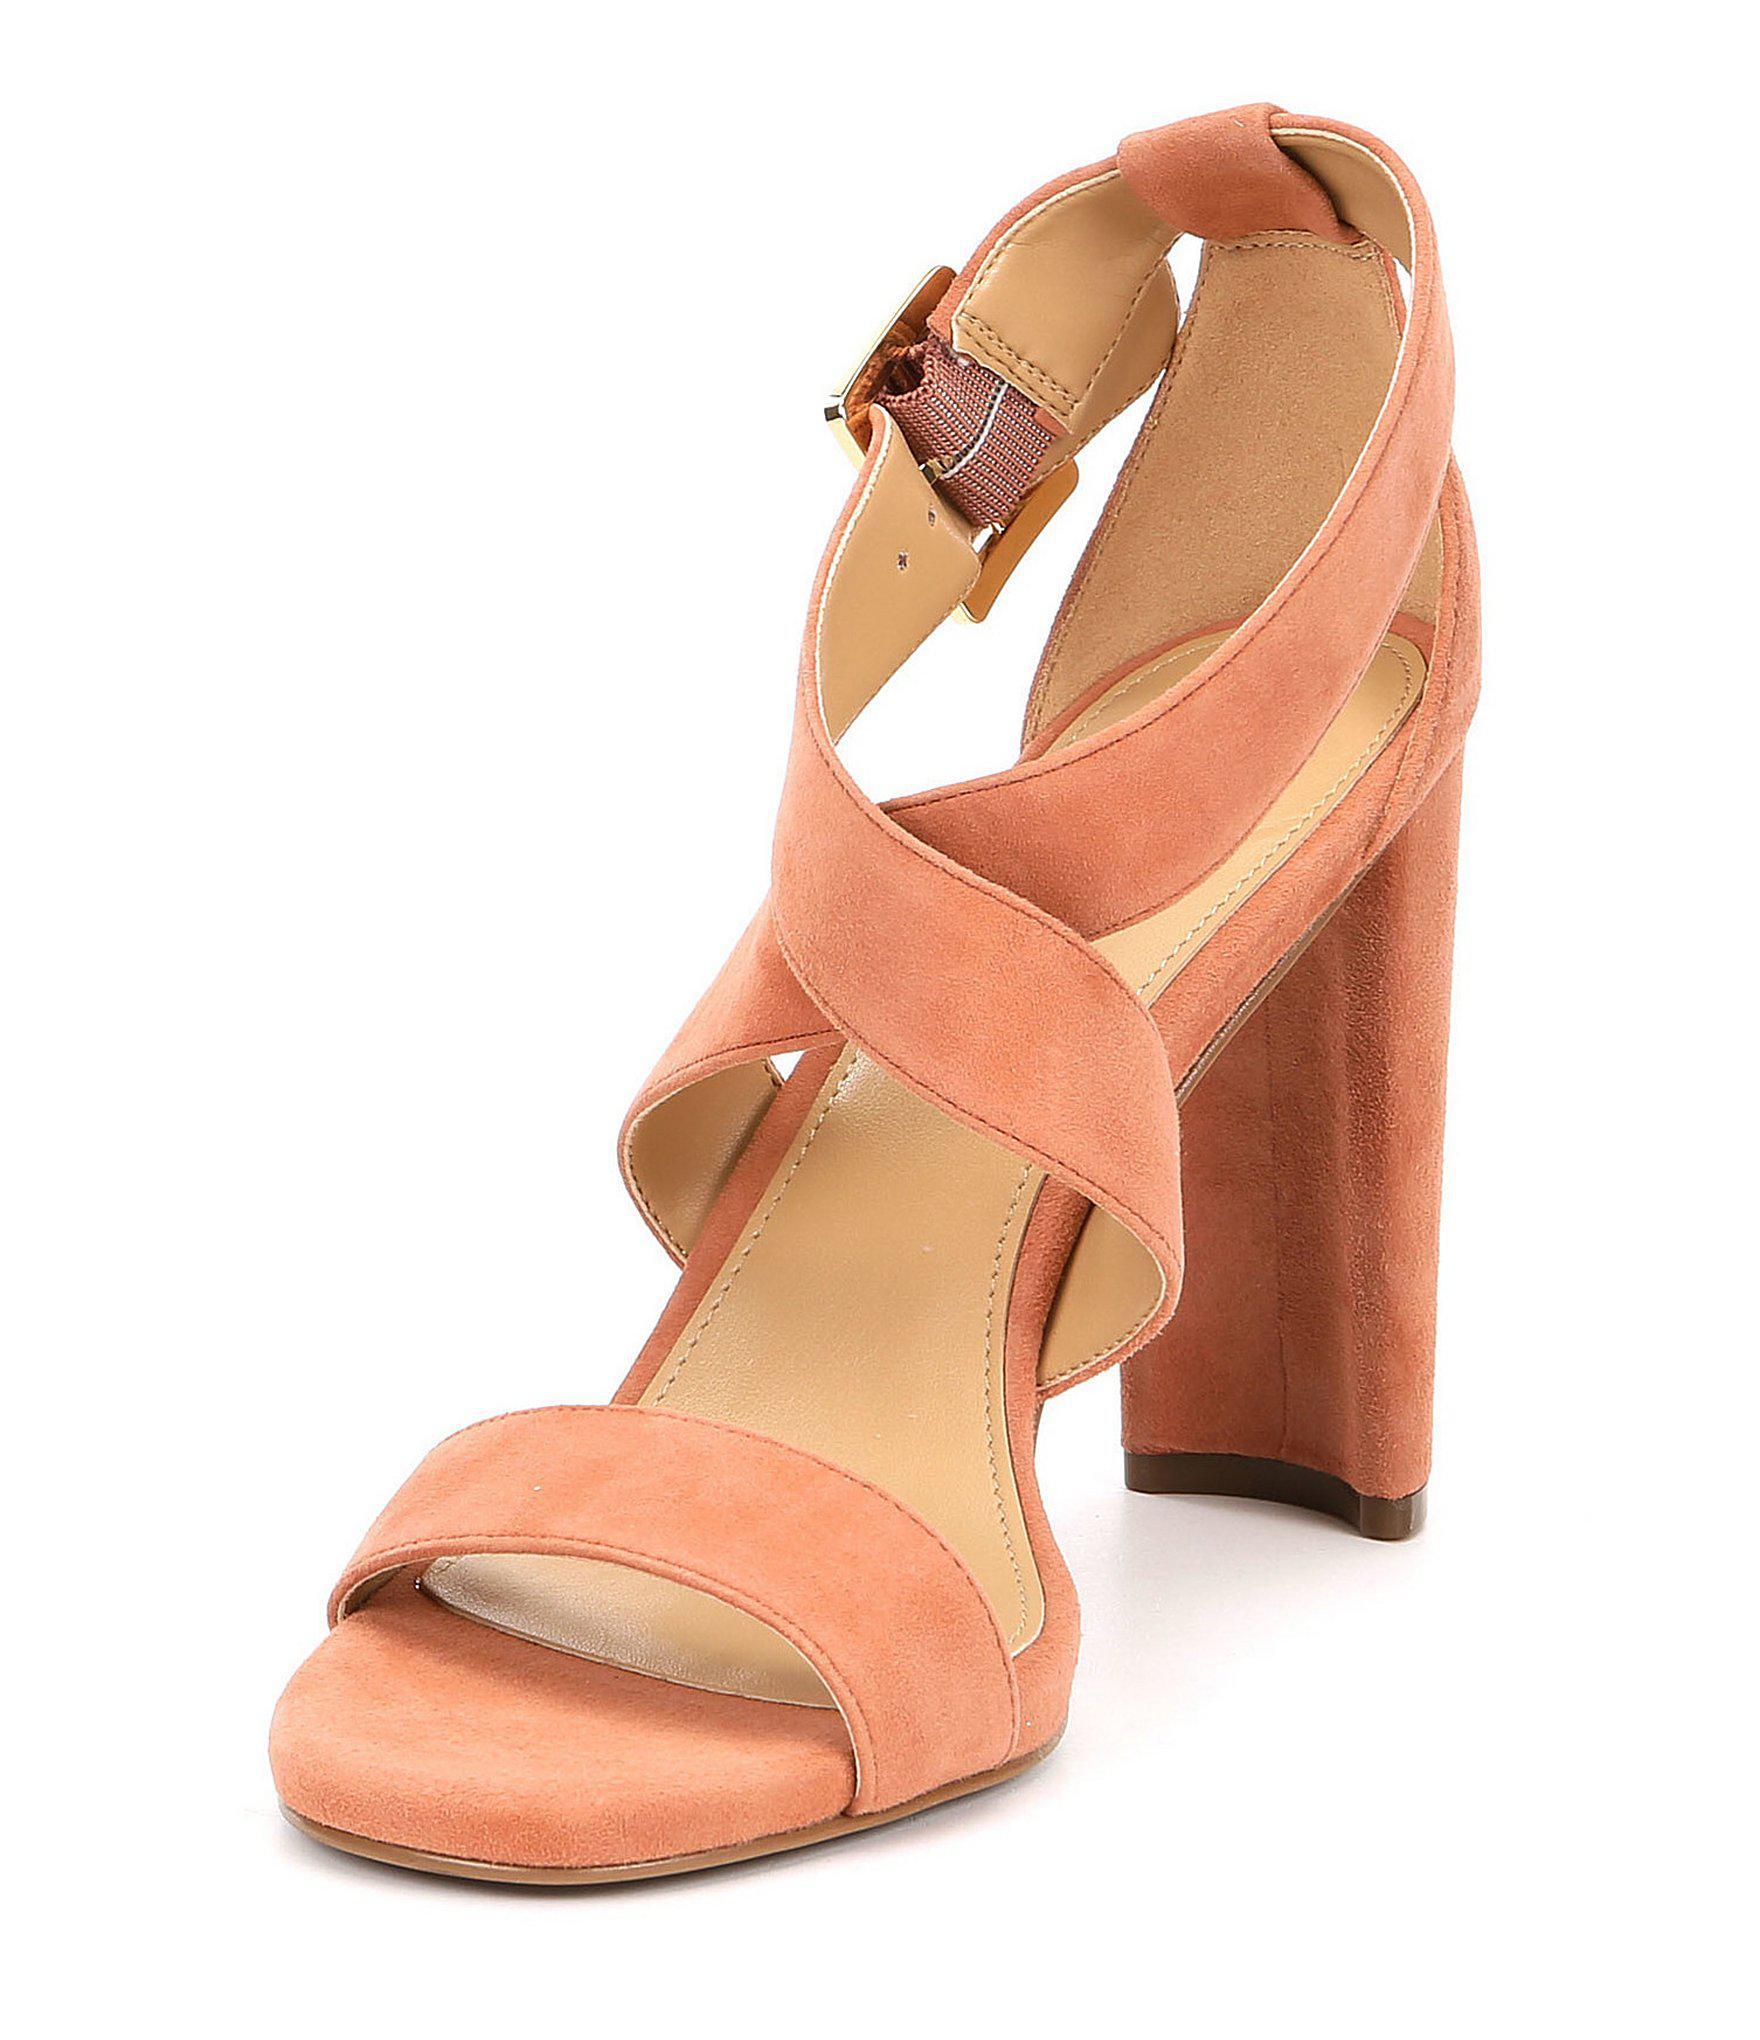 96a6de04cce5 Lyst - MICHAEL Michael Kors Shia Suede Strappy Dress Sandals